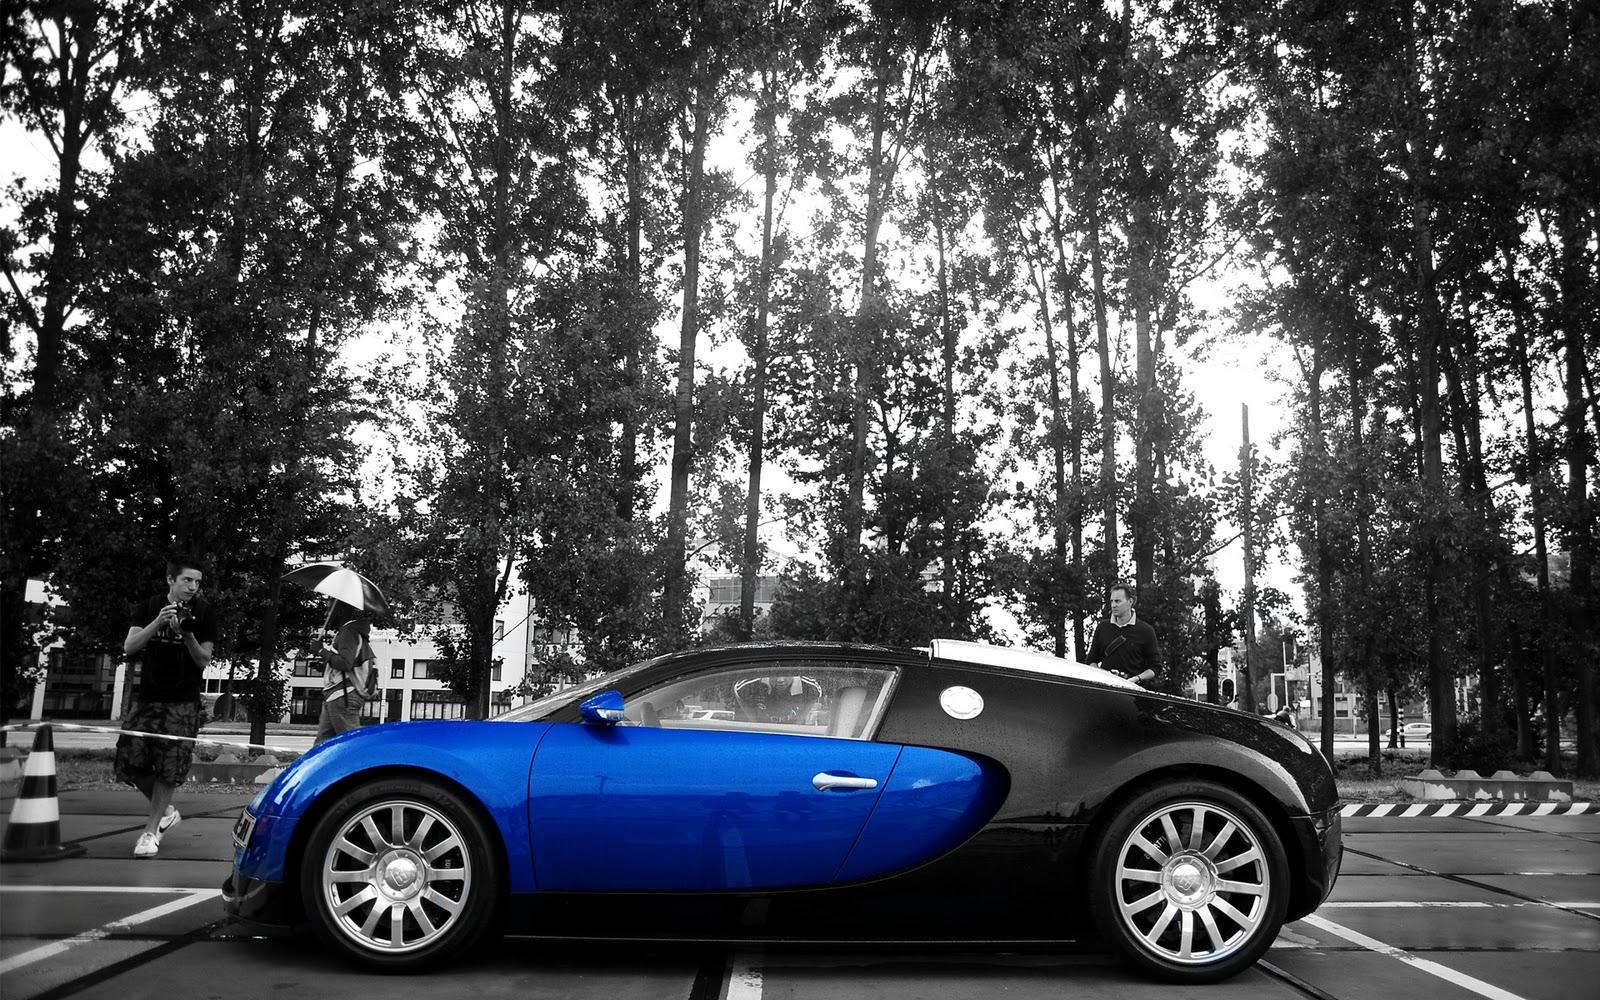 Blue And Black Bugatti Wallpaper 7 Free Wallpaper. Blue And Black Bugatti  Wallpaper 7 Free Wallpaper